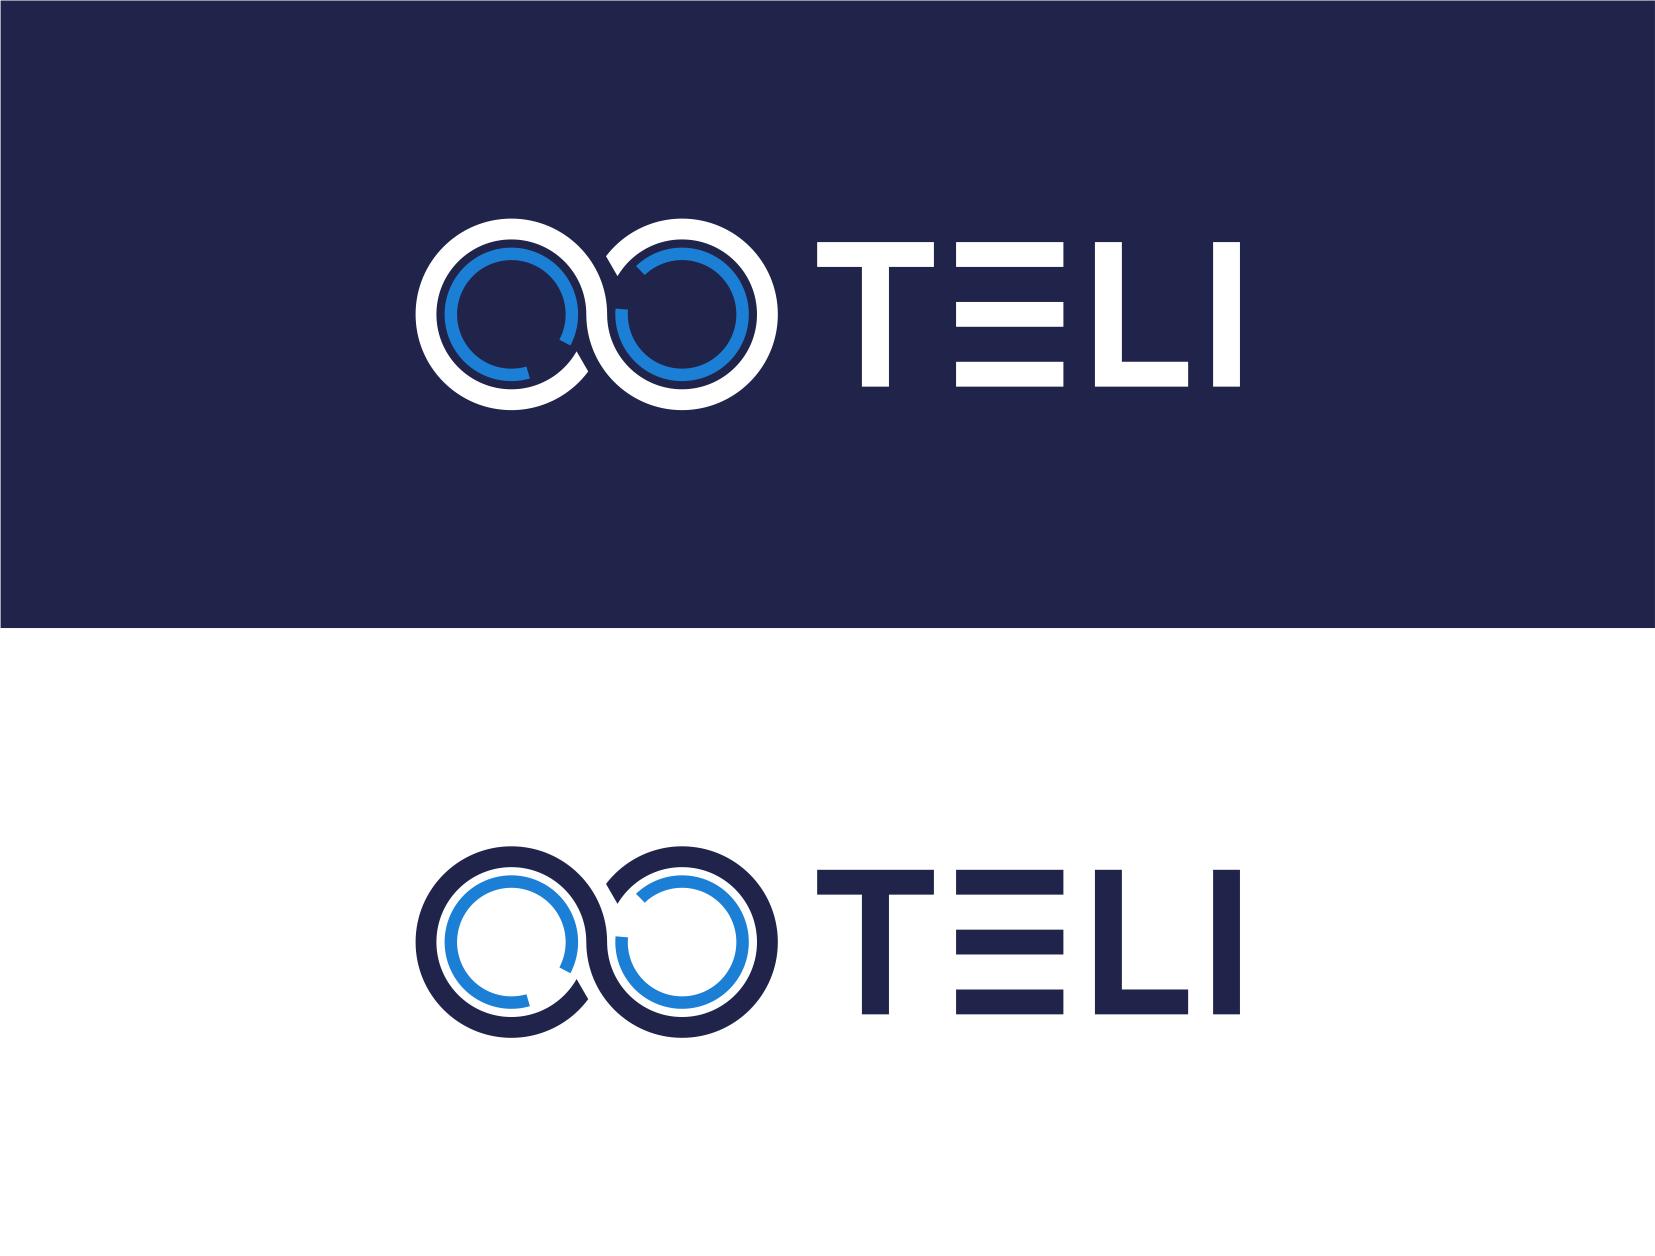 Разработка логотипа и фирменного стиля фото f_79458fc682c233c1.png